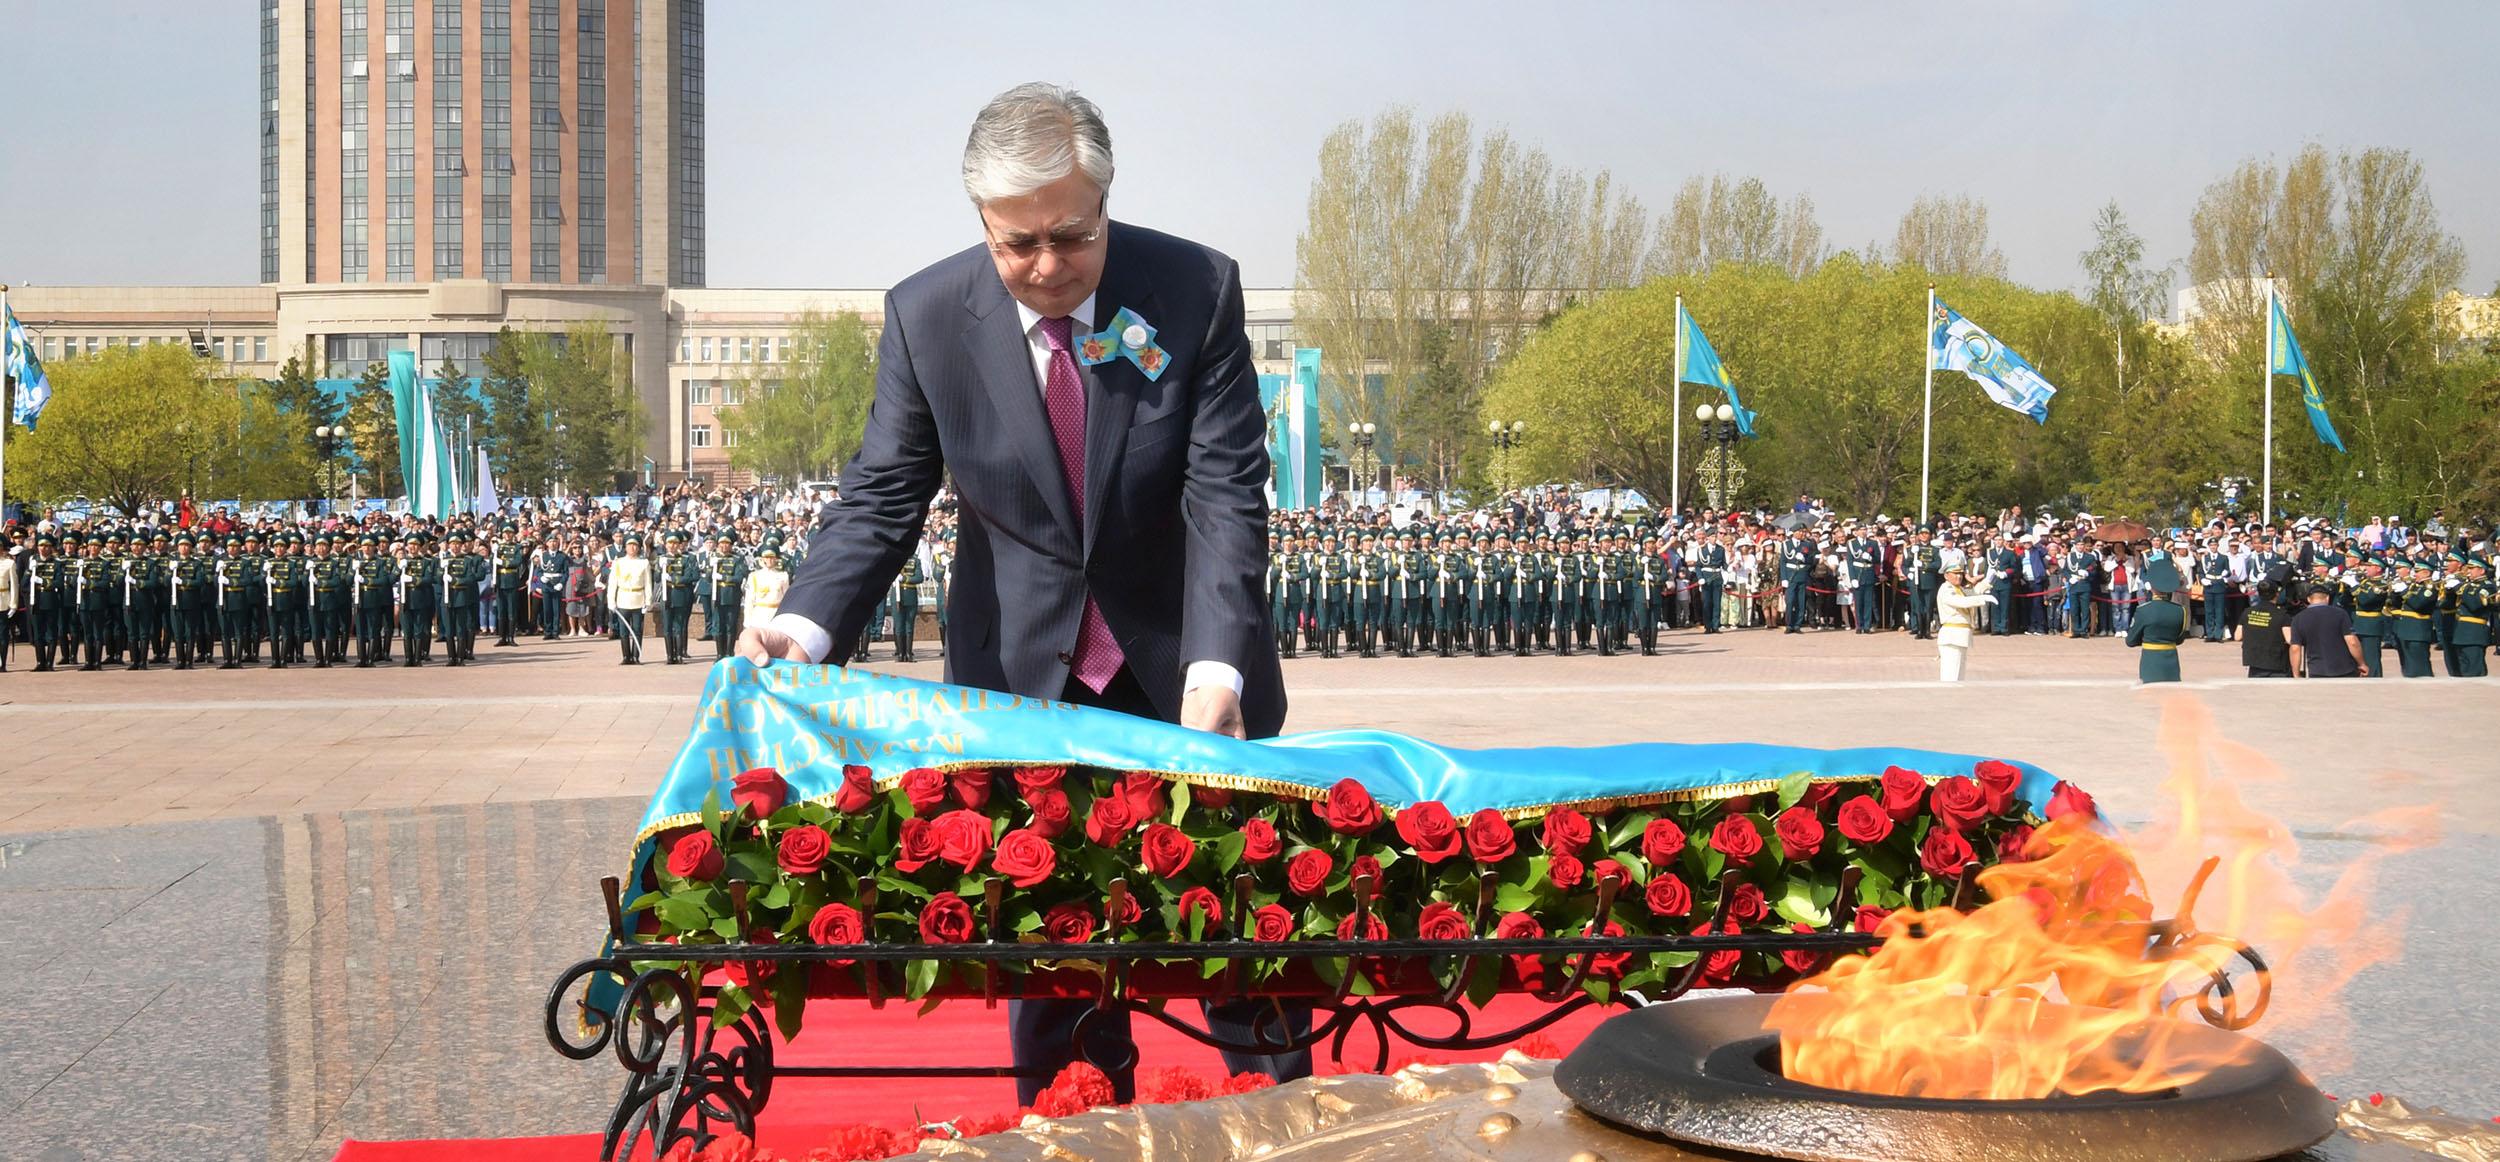 Касым-Жомарт Токаев возложил цветы к монументу «Отан Қорғаушылар»